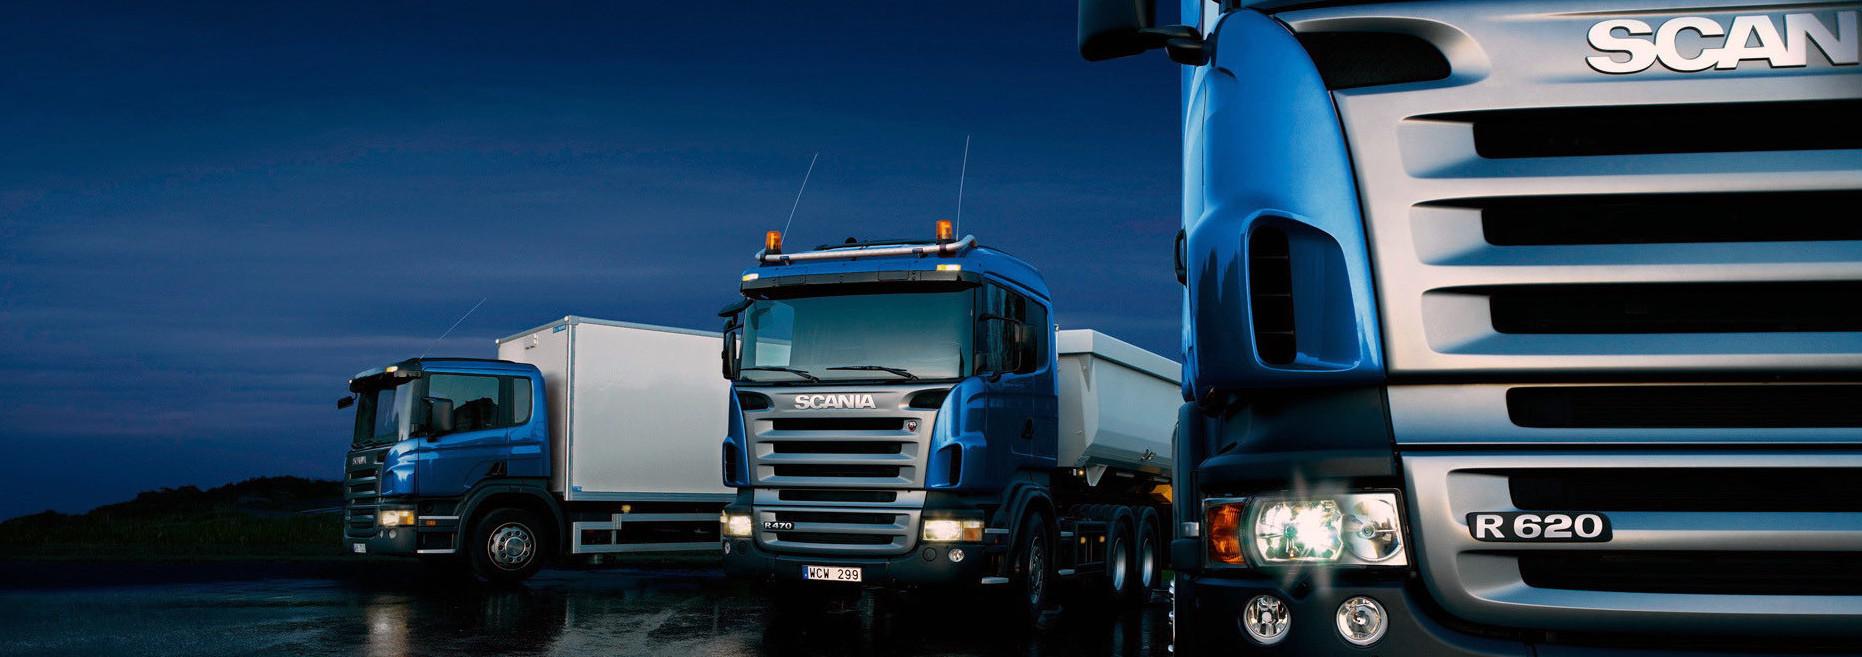 Scania_Trucks_R470_R620-e1477676961682